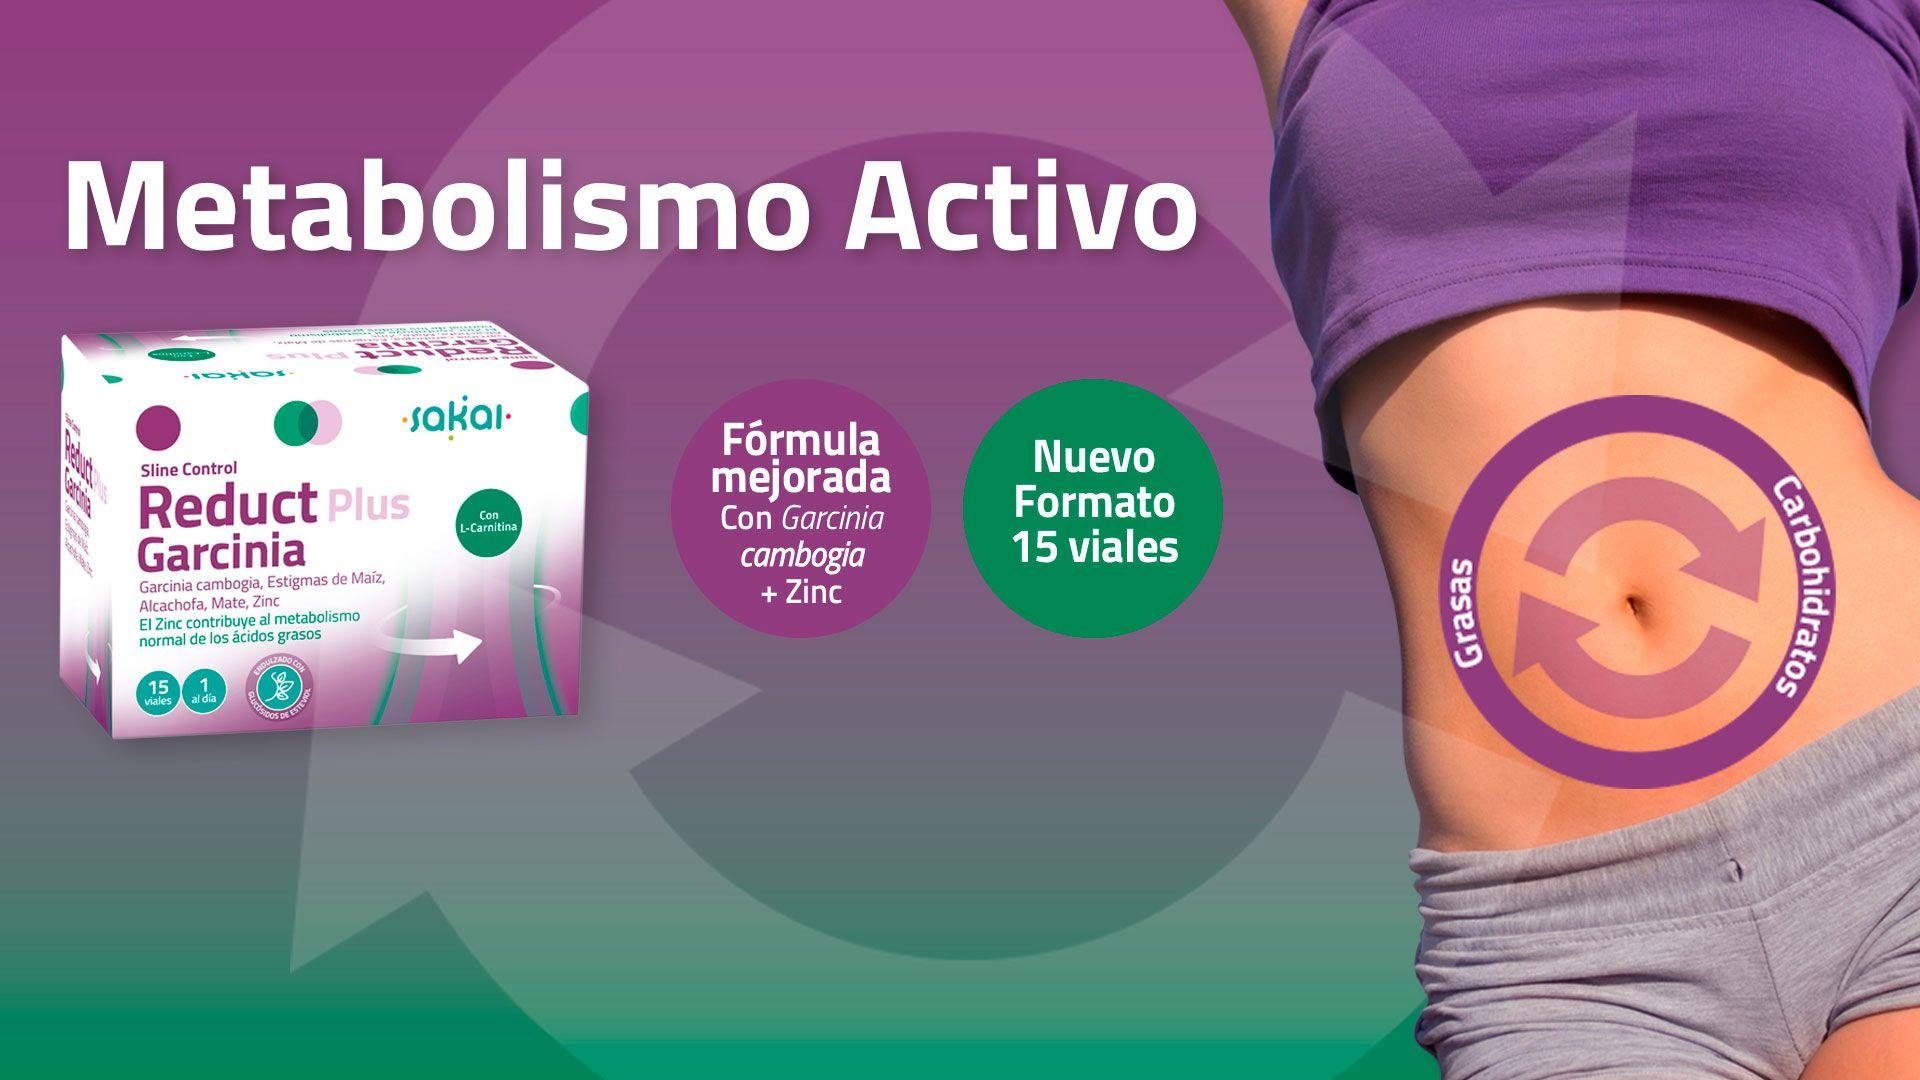 Sline Control Reduct Plus Garcinia - Metabolismo Activo